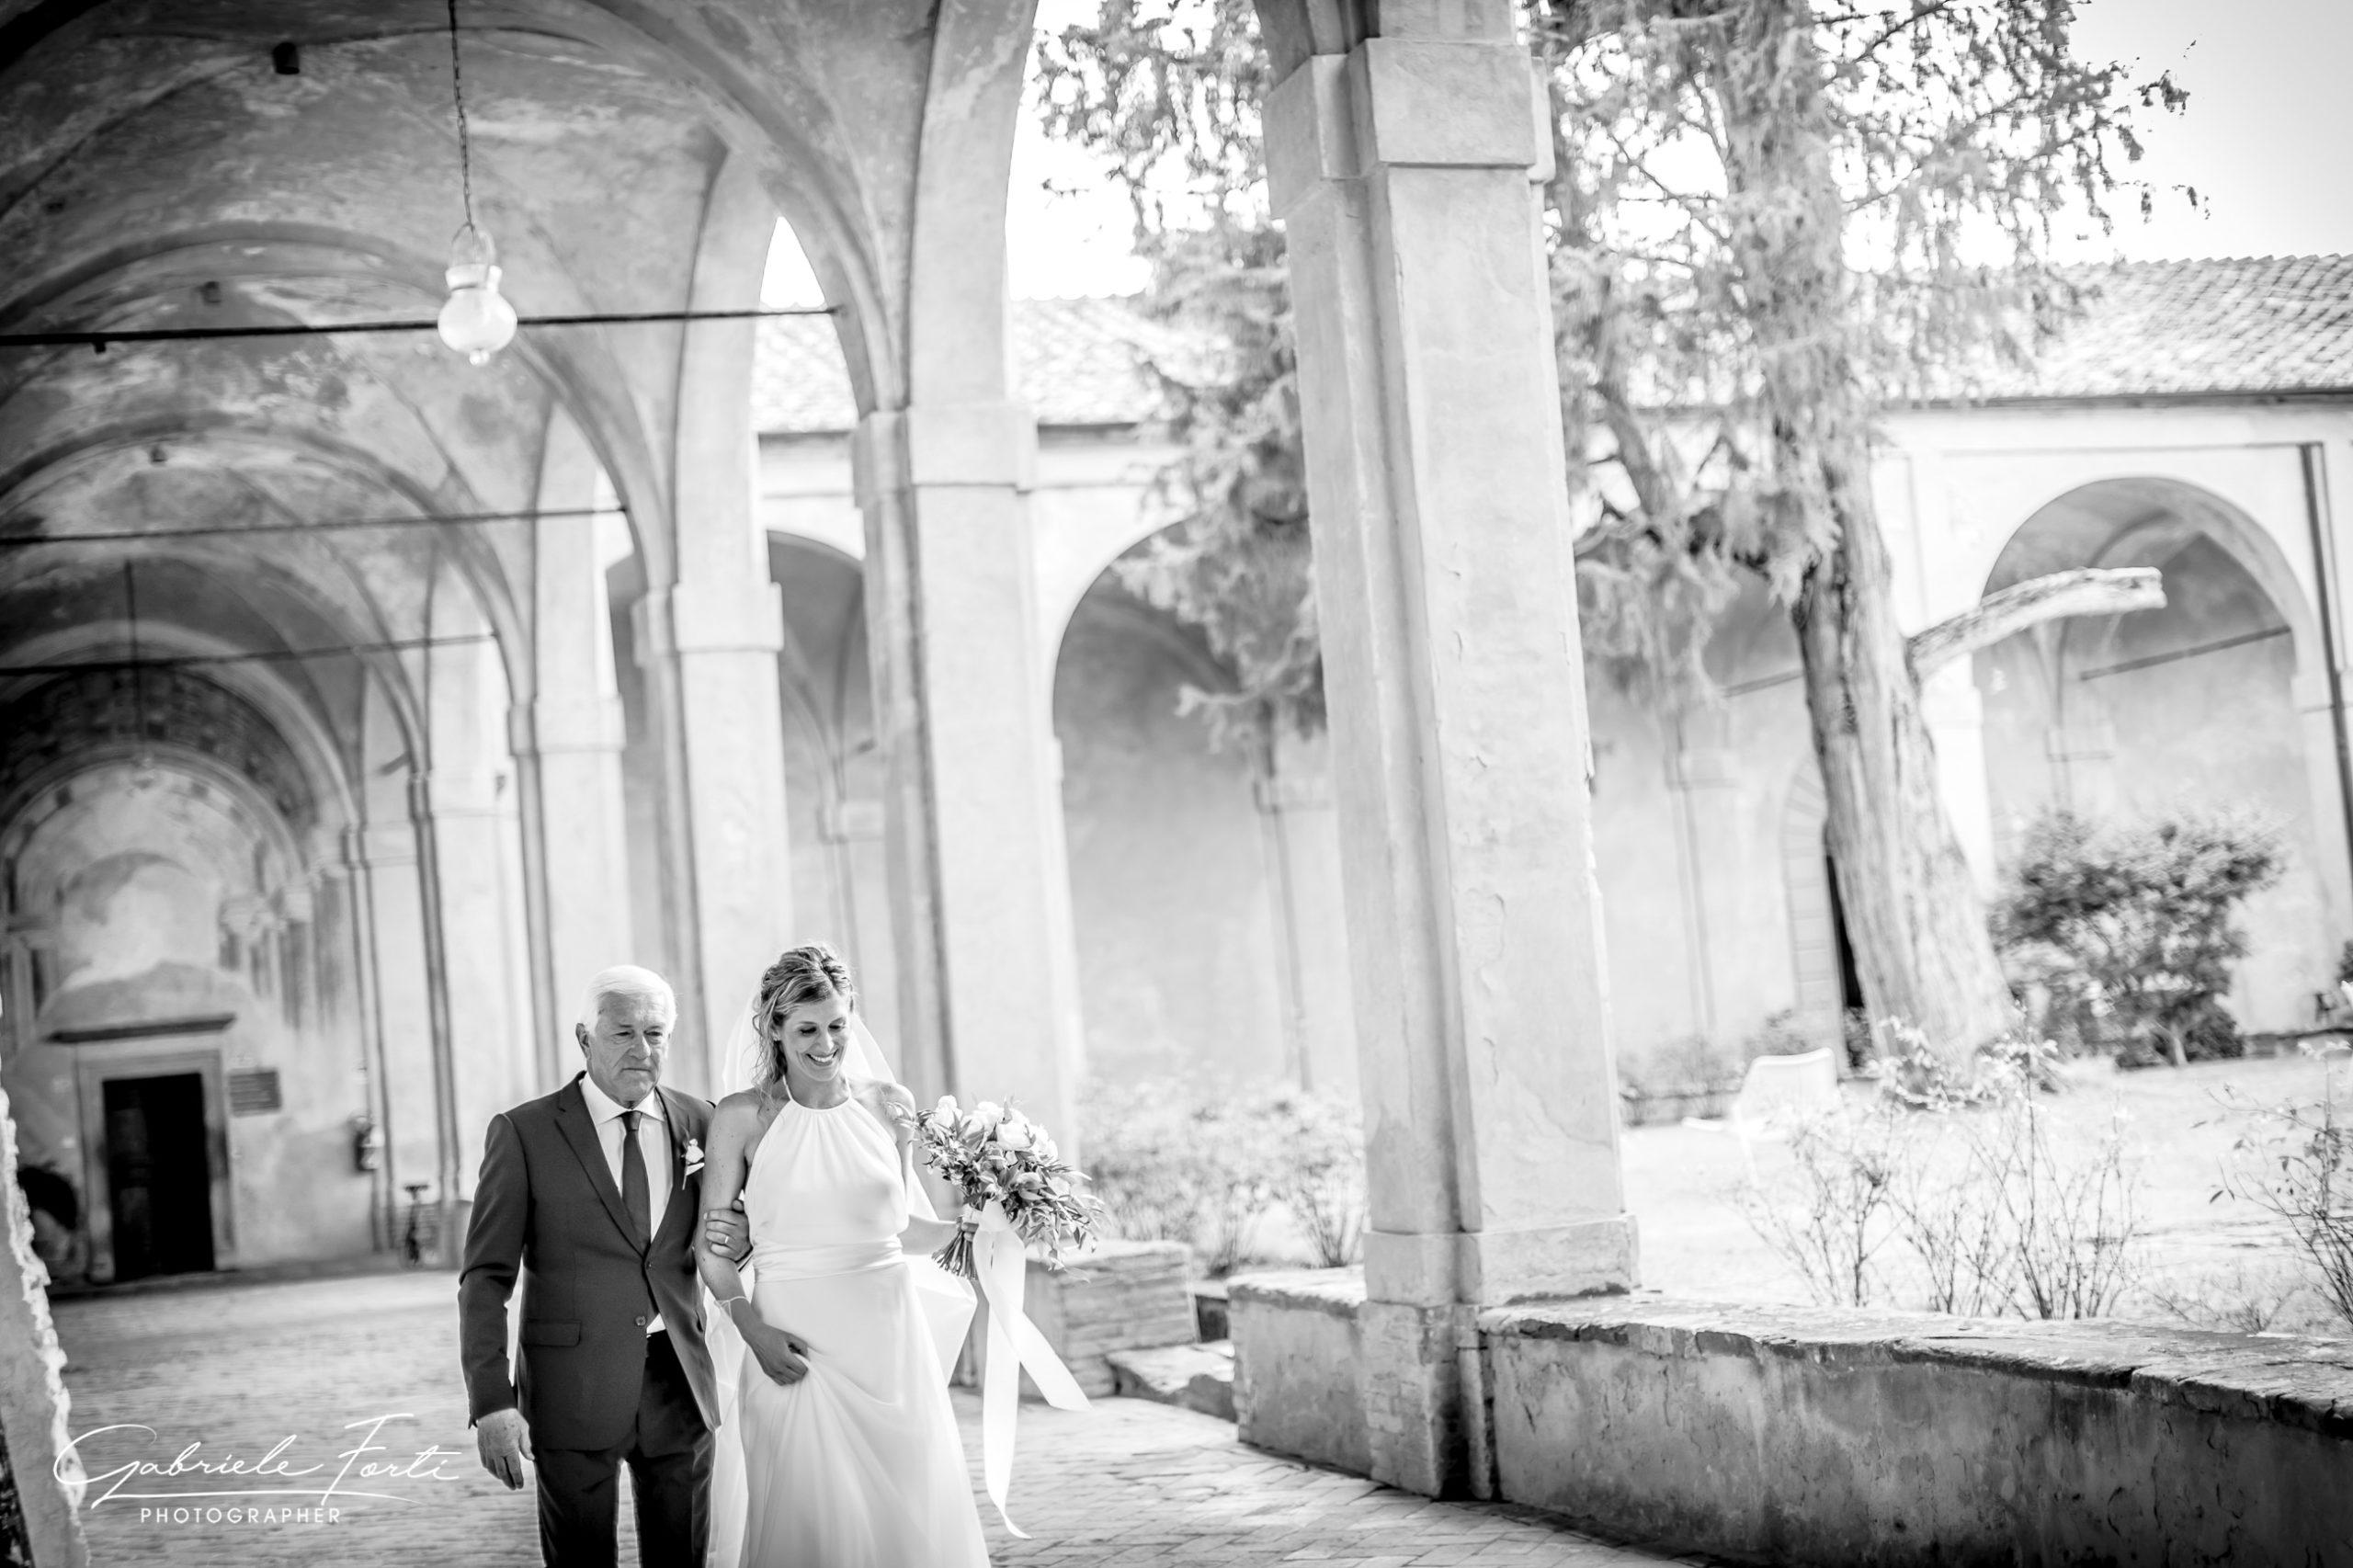 wedding-tuscany-siena-firenze-pienza-montepulciano-la-certosa-di-pontignano-sposarsi-in-toscana-foto-forti-gabriele-2